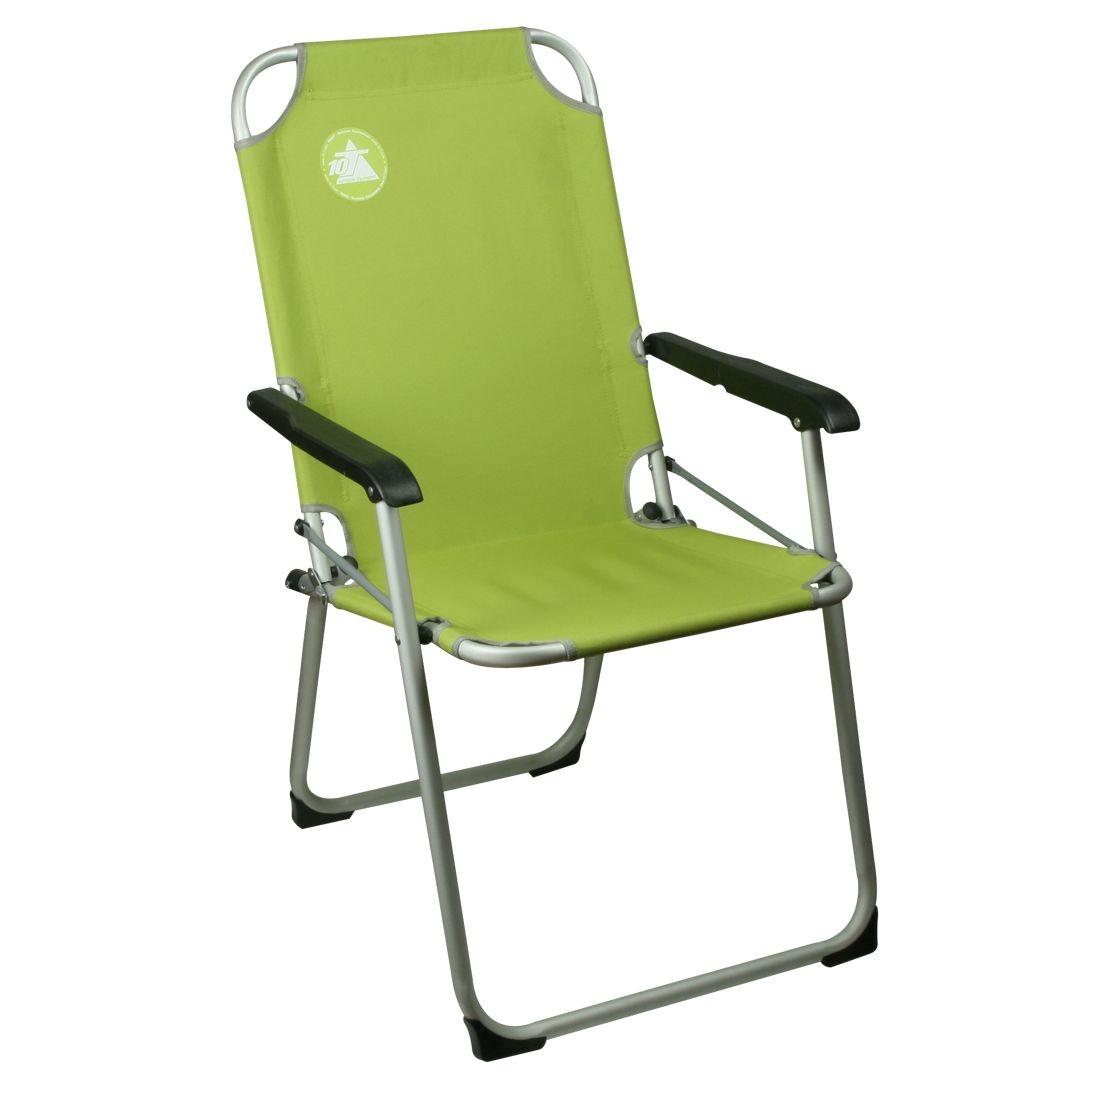 Camping klappstuhl mit tisch  10T Lightchair - Faltbarer Camping-Stuhl mit Armlehnen, hellgrün ...